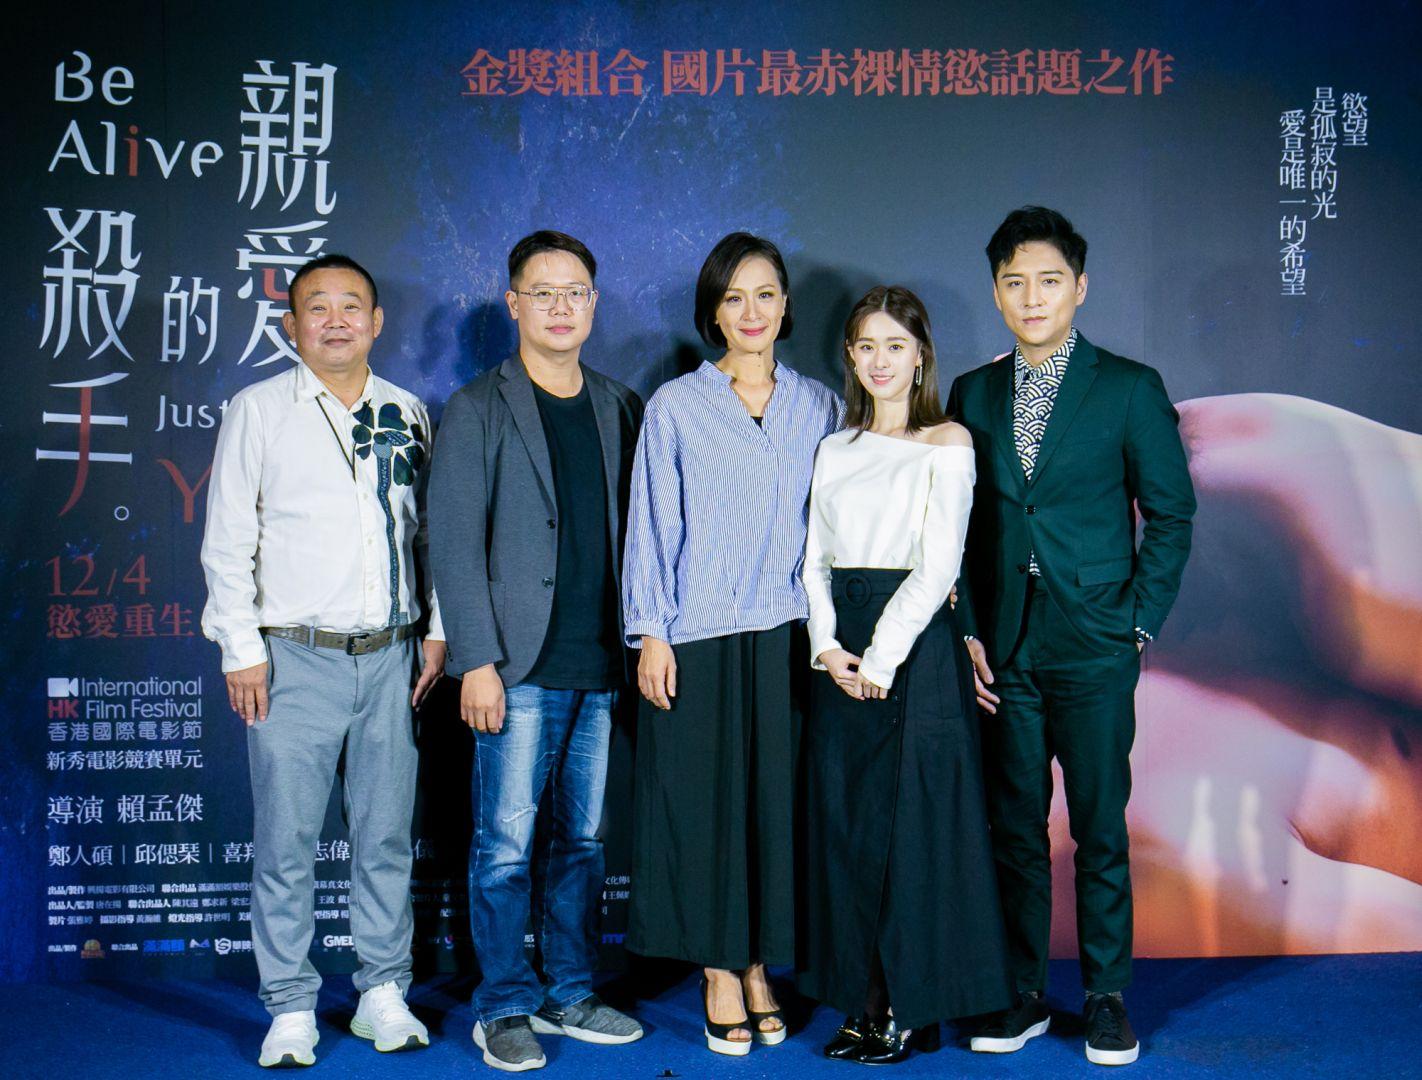 《親愛的殺手》-(由左至右)鄭志偉、導演賴孟傑、黃采儀、邱偲琹與鄭人碩